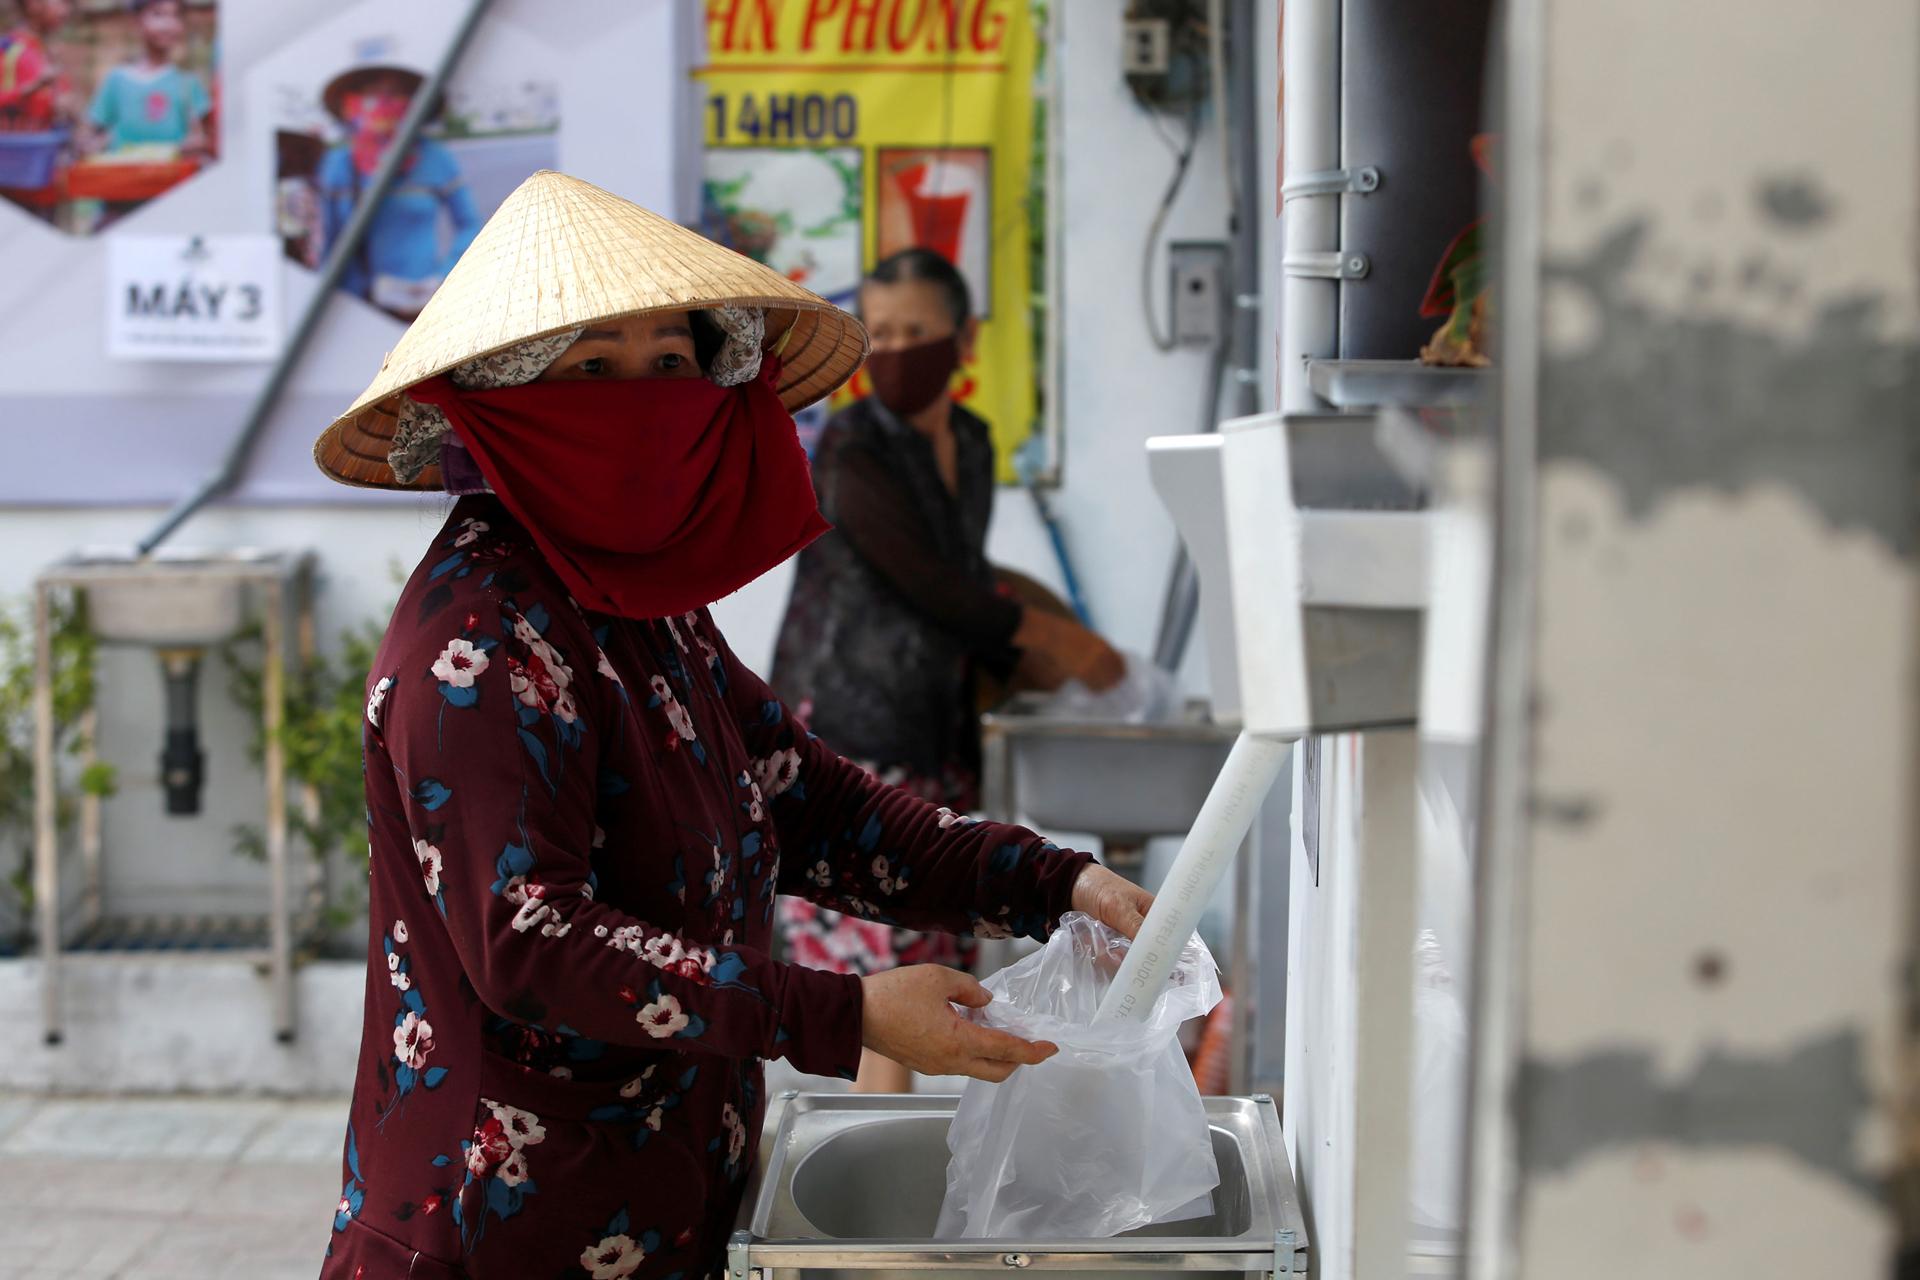 Вирусные хроники рисовые банкоматы в помощь жителям Вьетнама